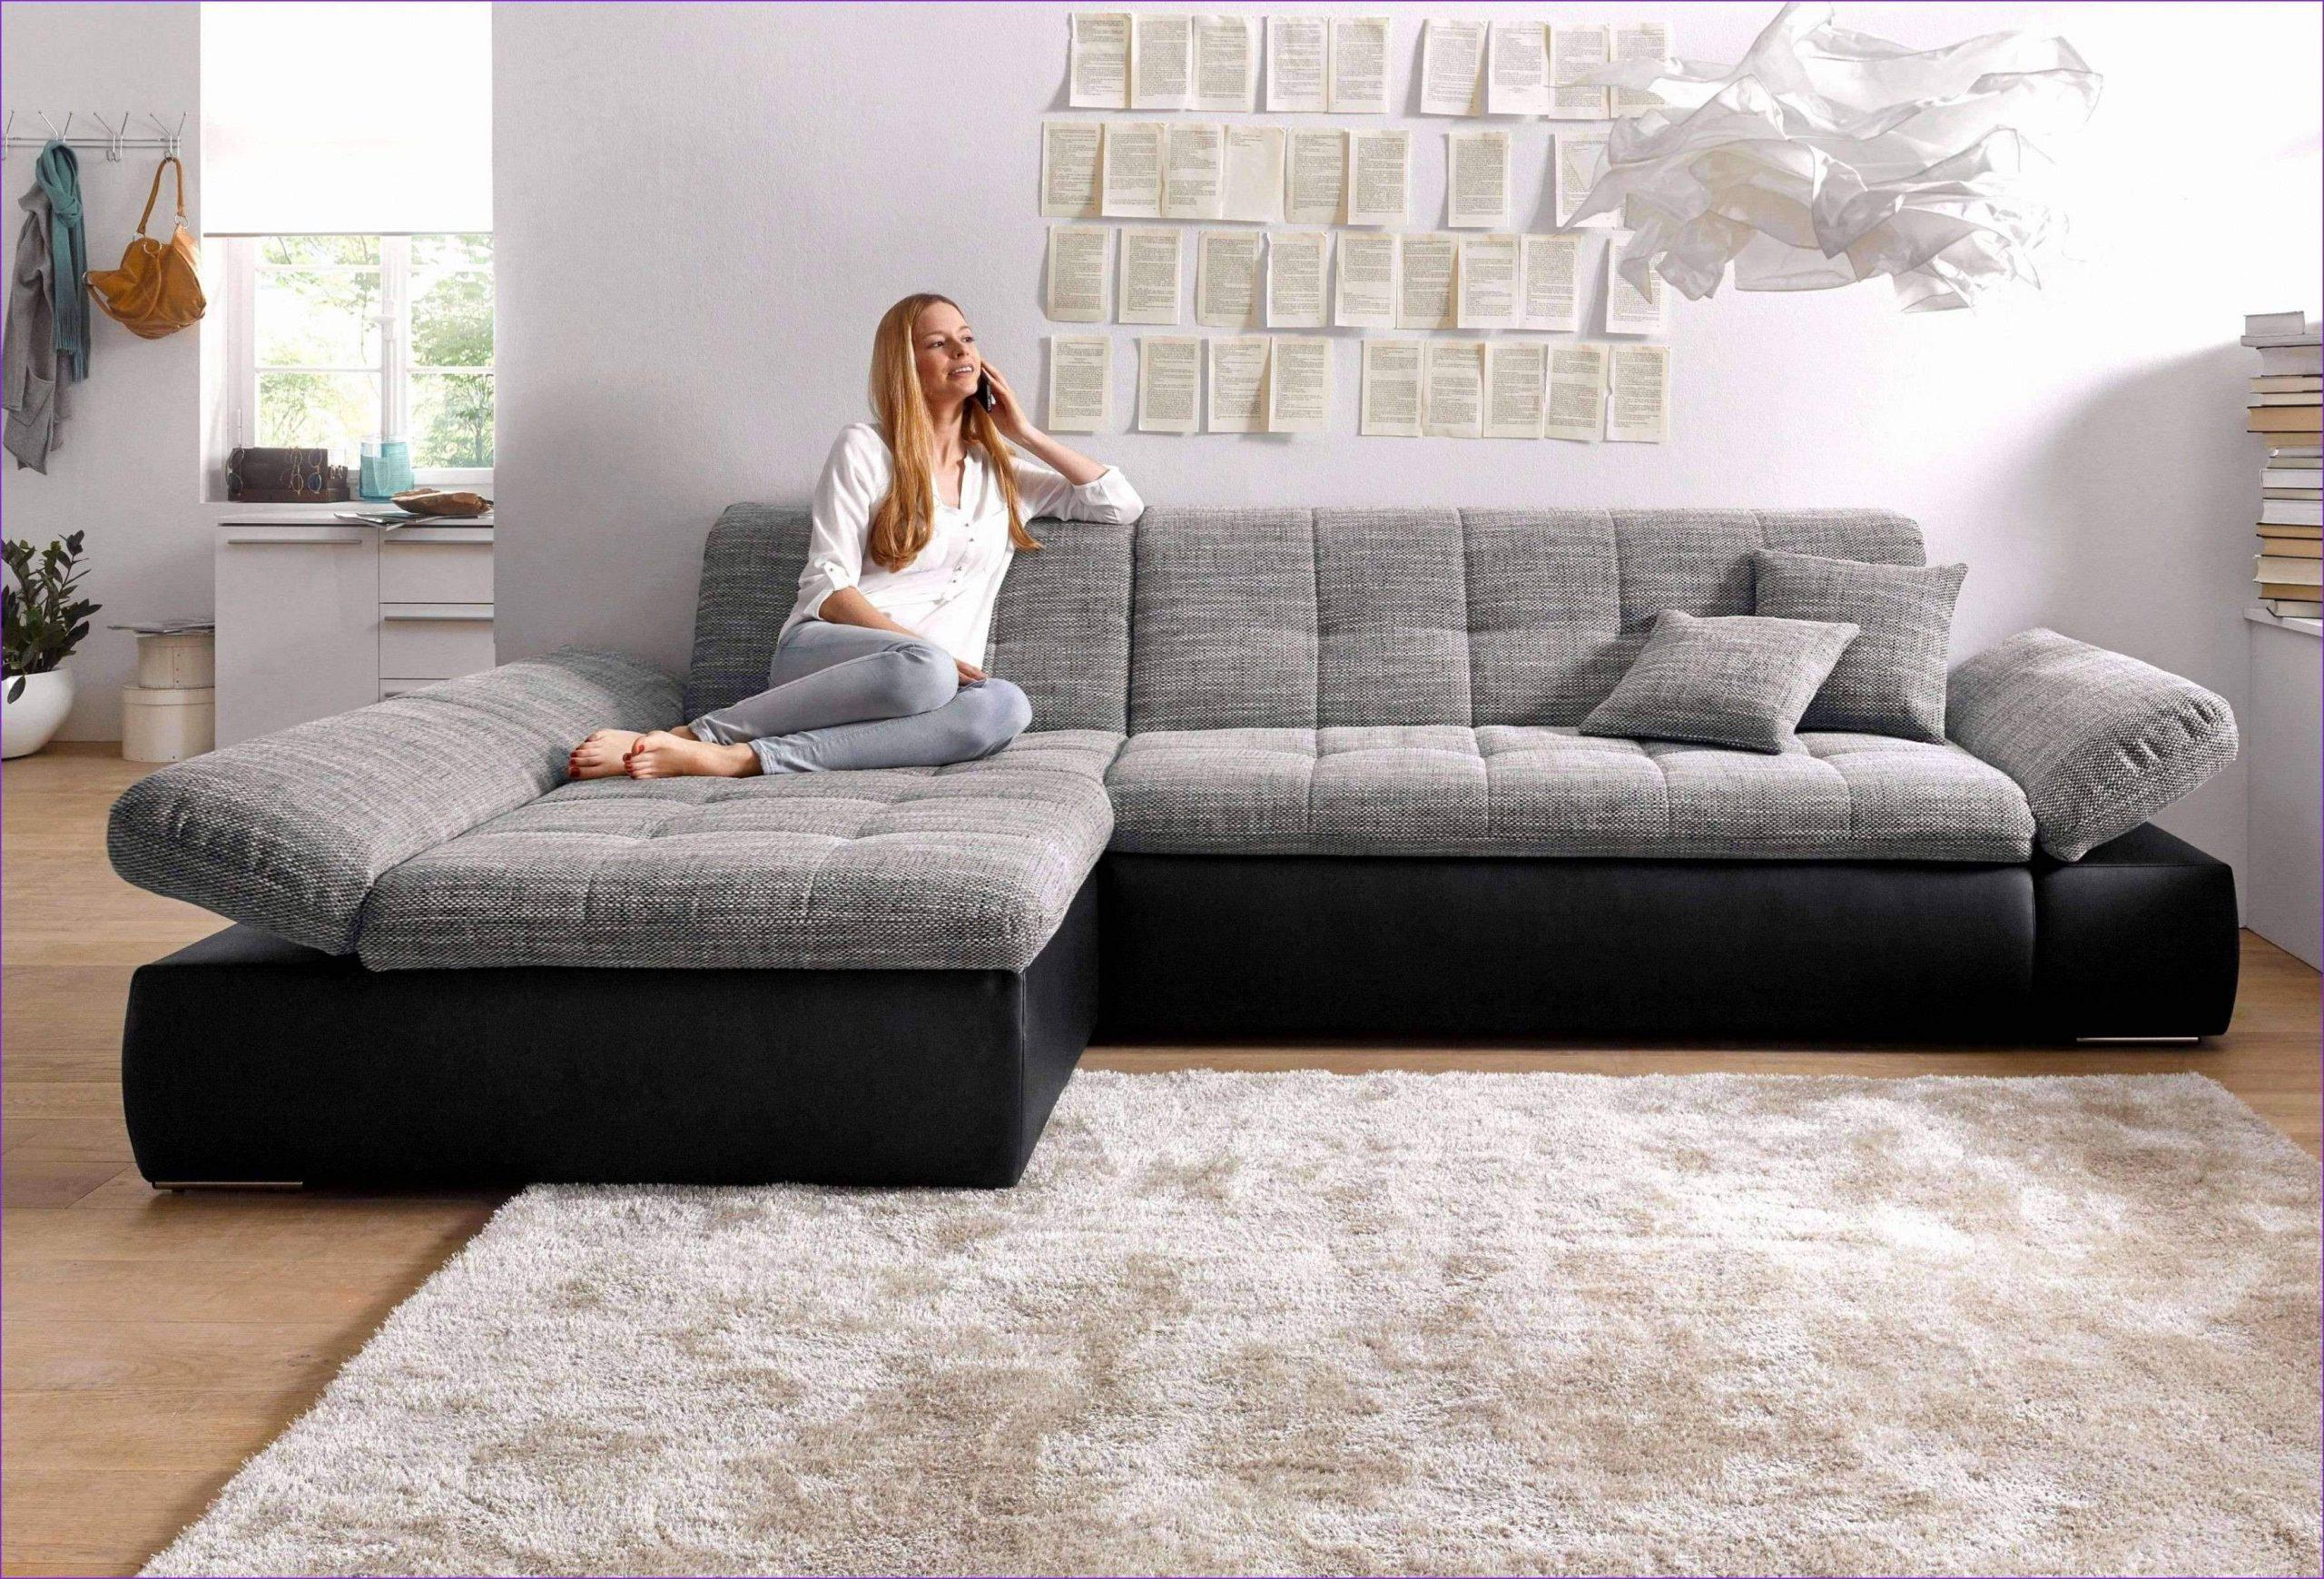 Full Size of Wohnzimmer Schrank Genial Luxus Wohnzimmerschrank Kaufen Inspirationen Wohnzimmer Schrank Wohnzimmer